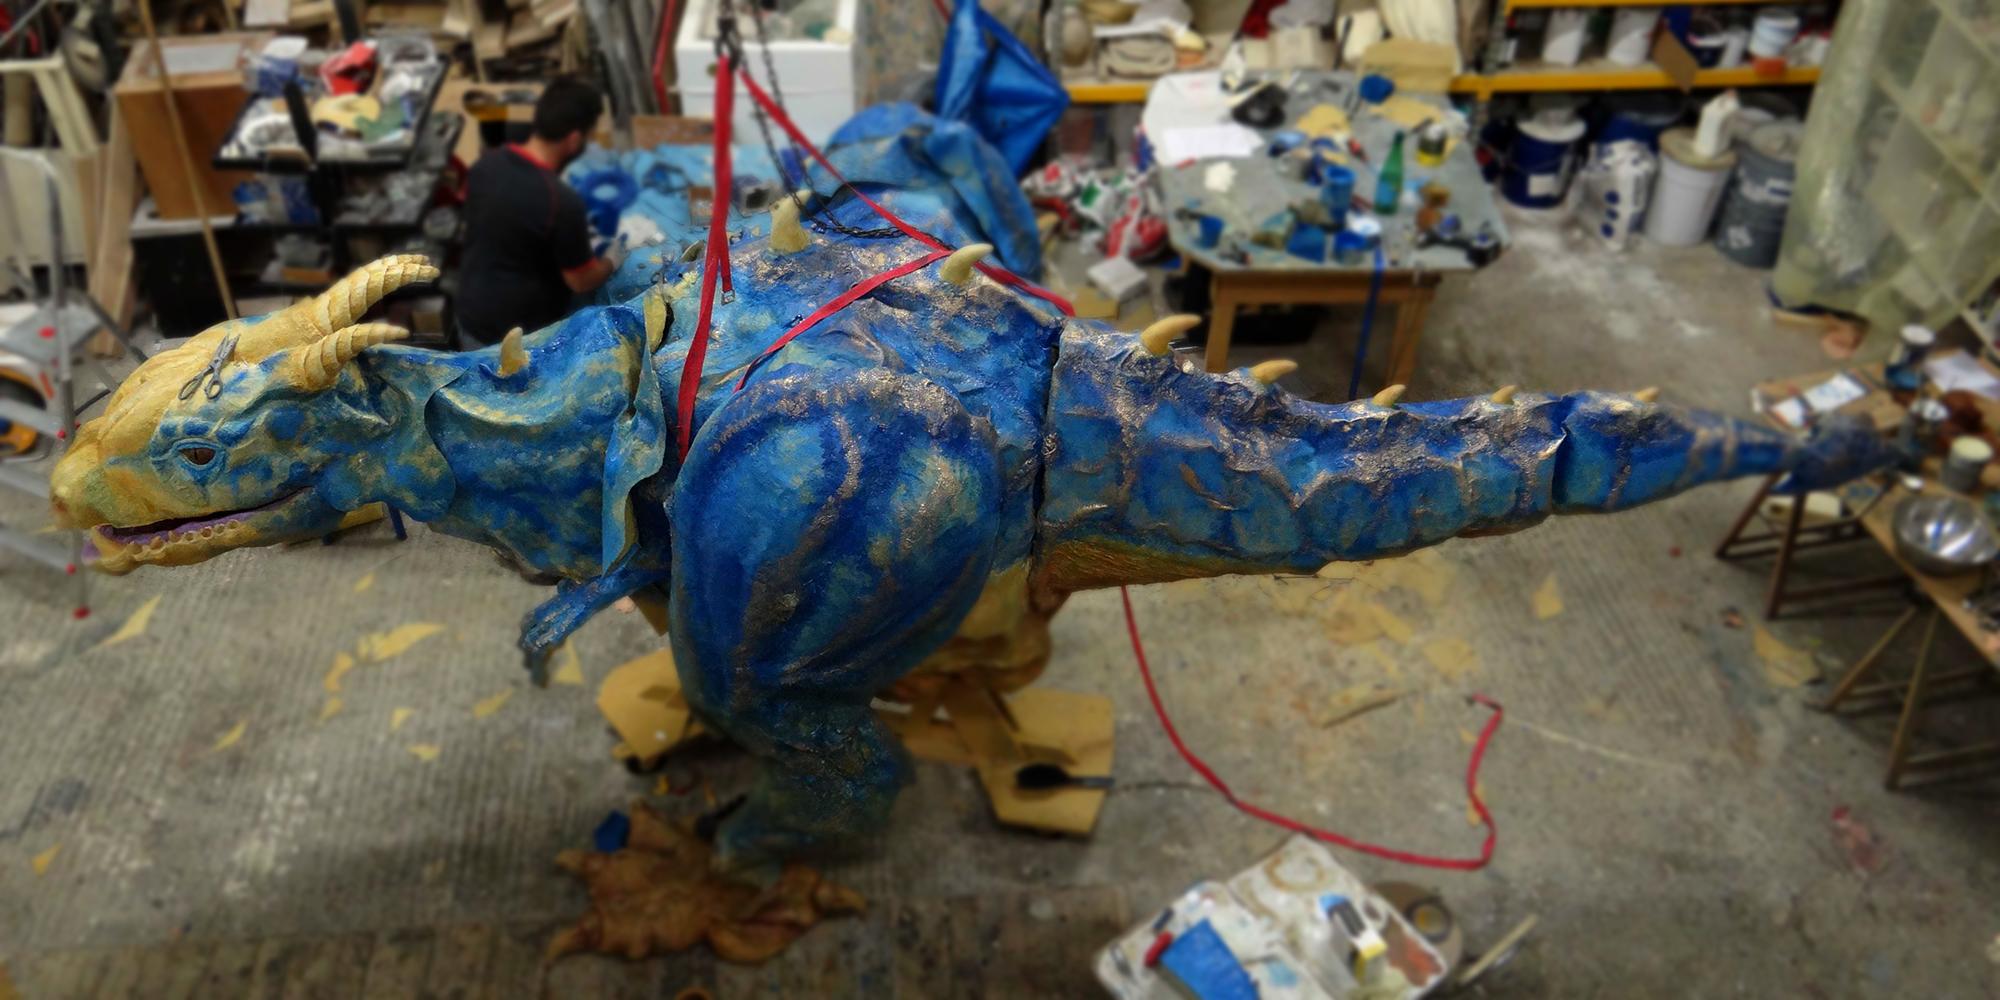 réalisation d'une sculpture de dragon fantastique au sein de l'Atelier Cobalt Fx